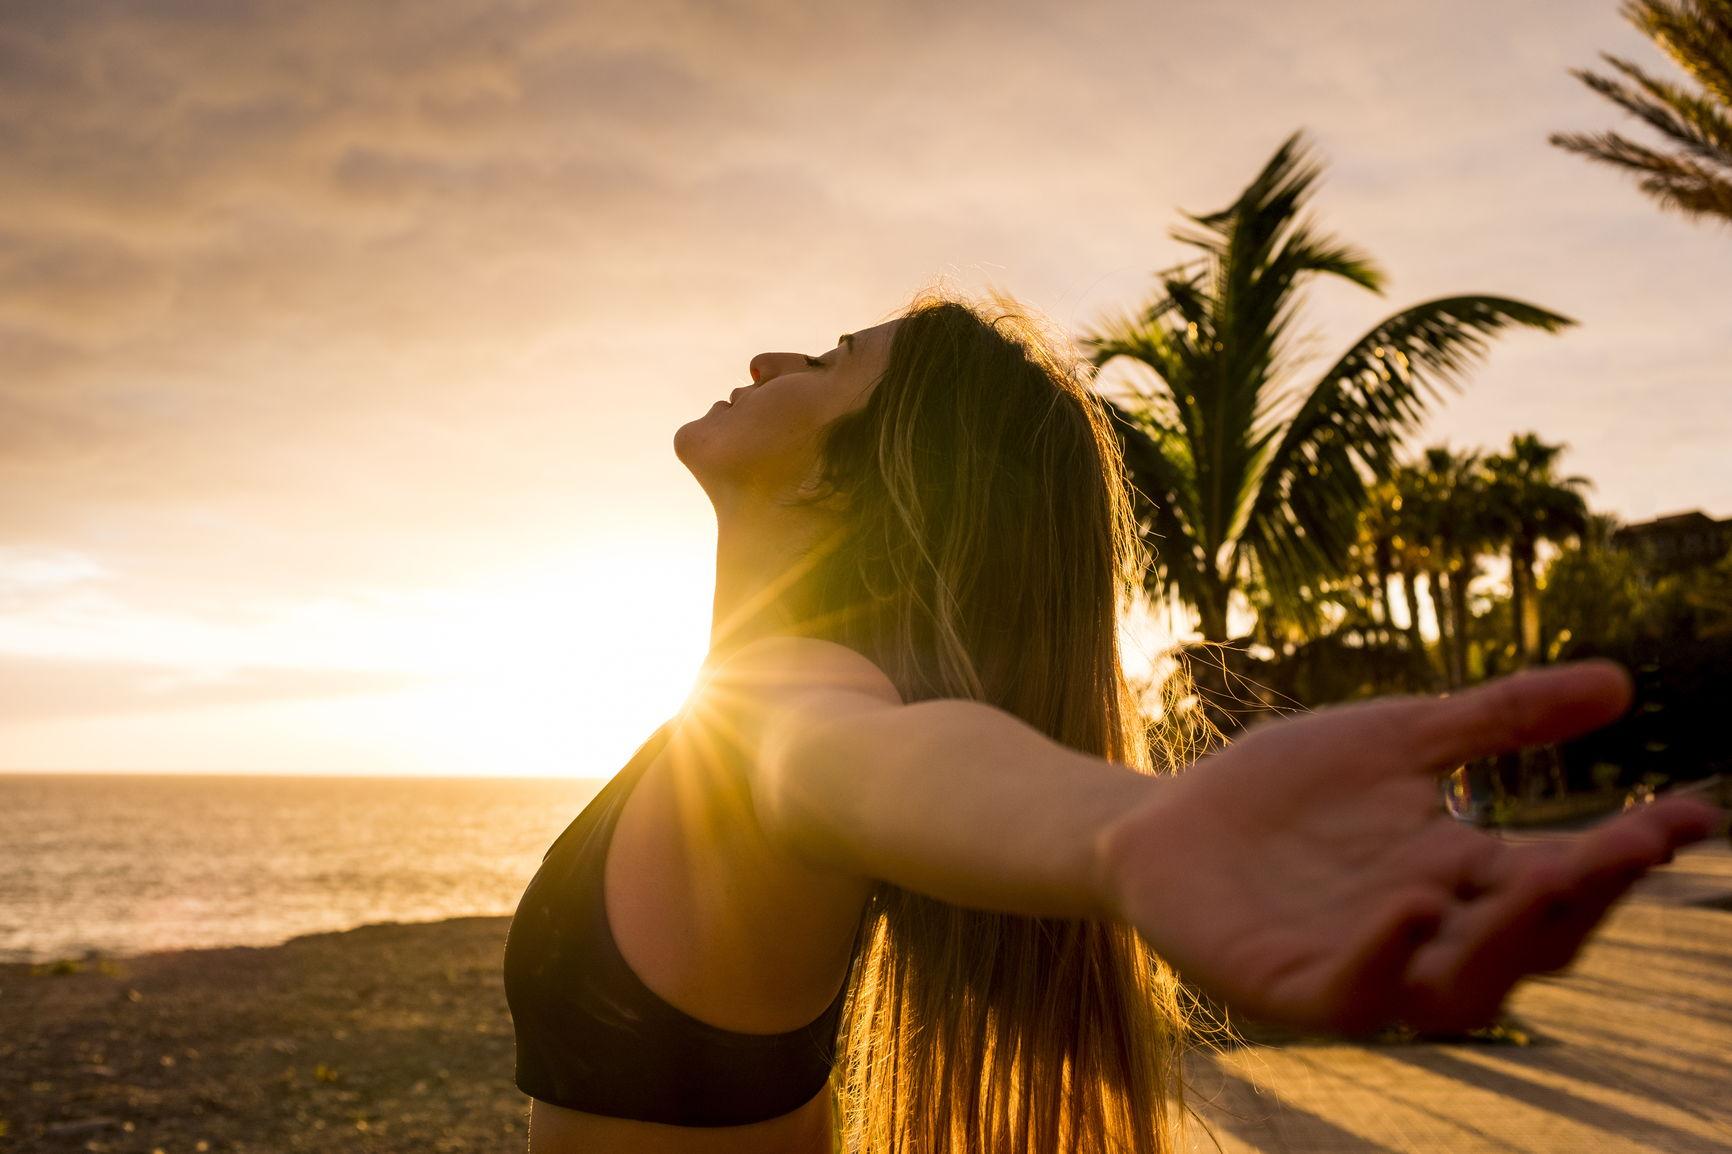 unngå soleksem ved å ta vare på huden